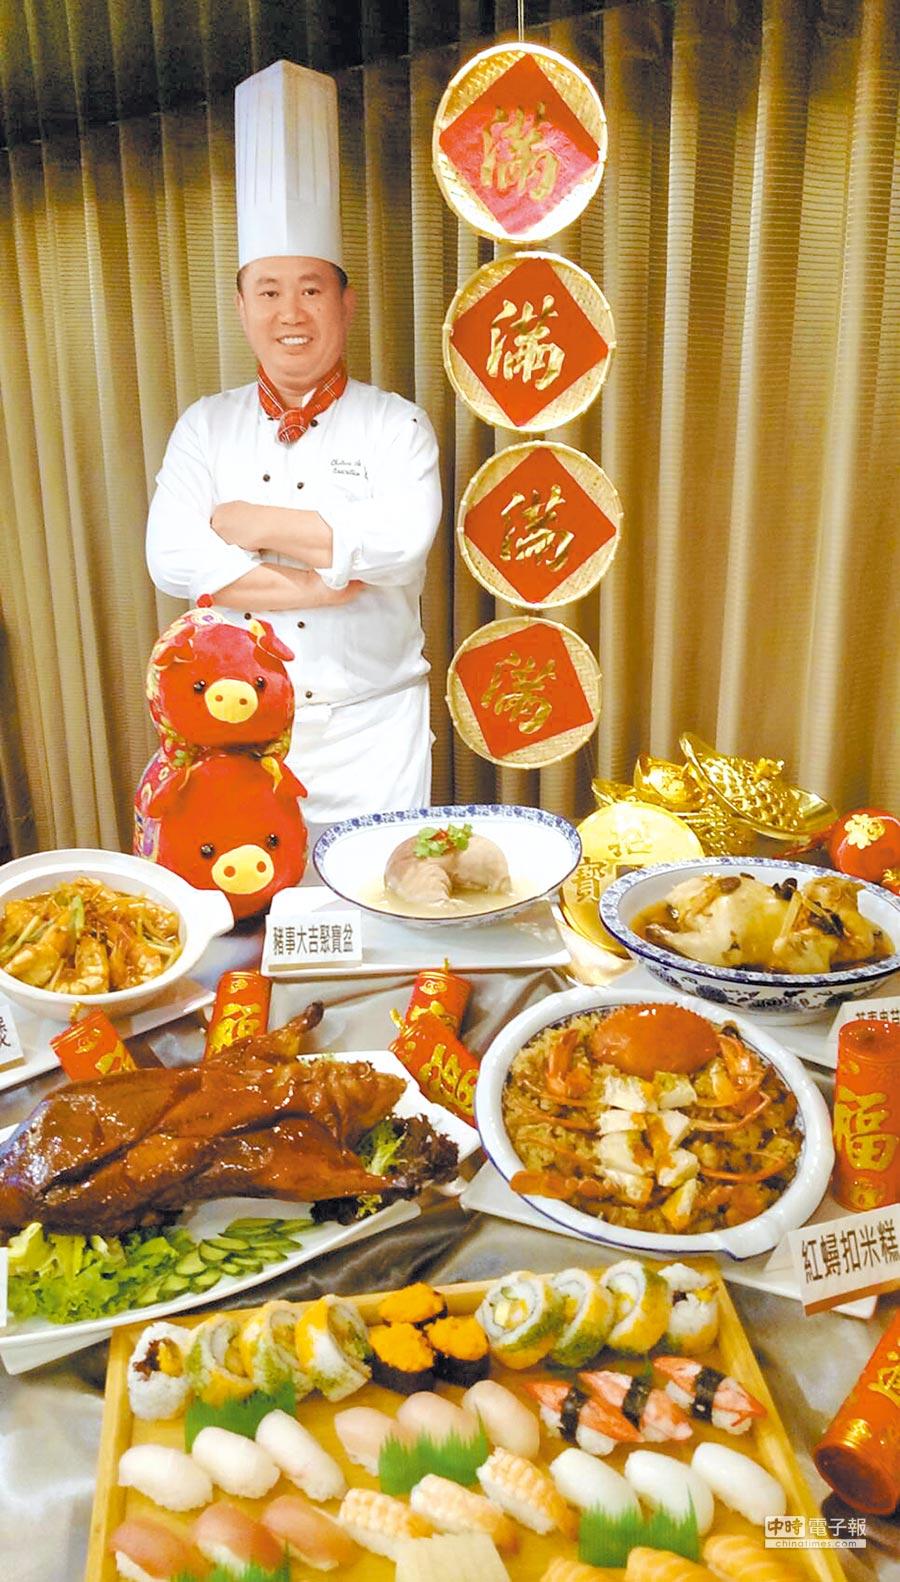 高雄翰品酒店年菜外帶有中、日式可選擇,享用年夜飯、美味多一點。圖/業者提供